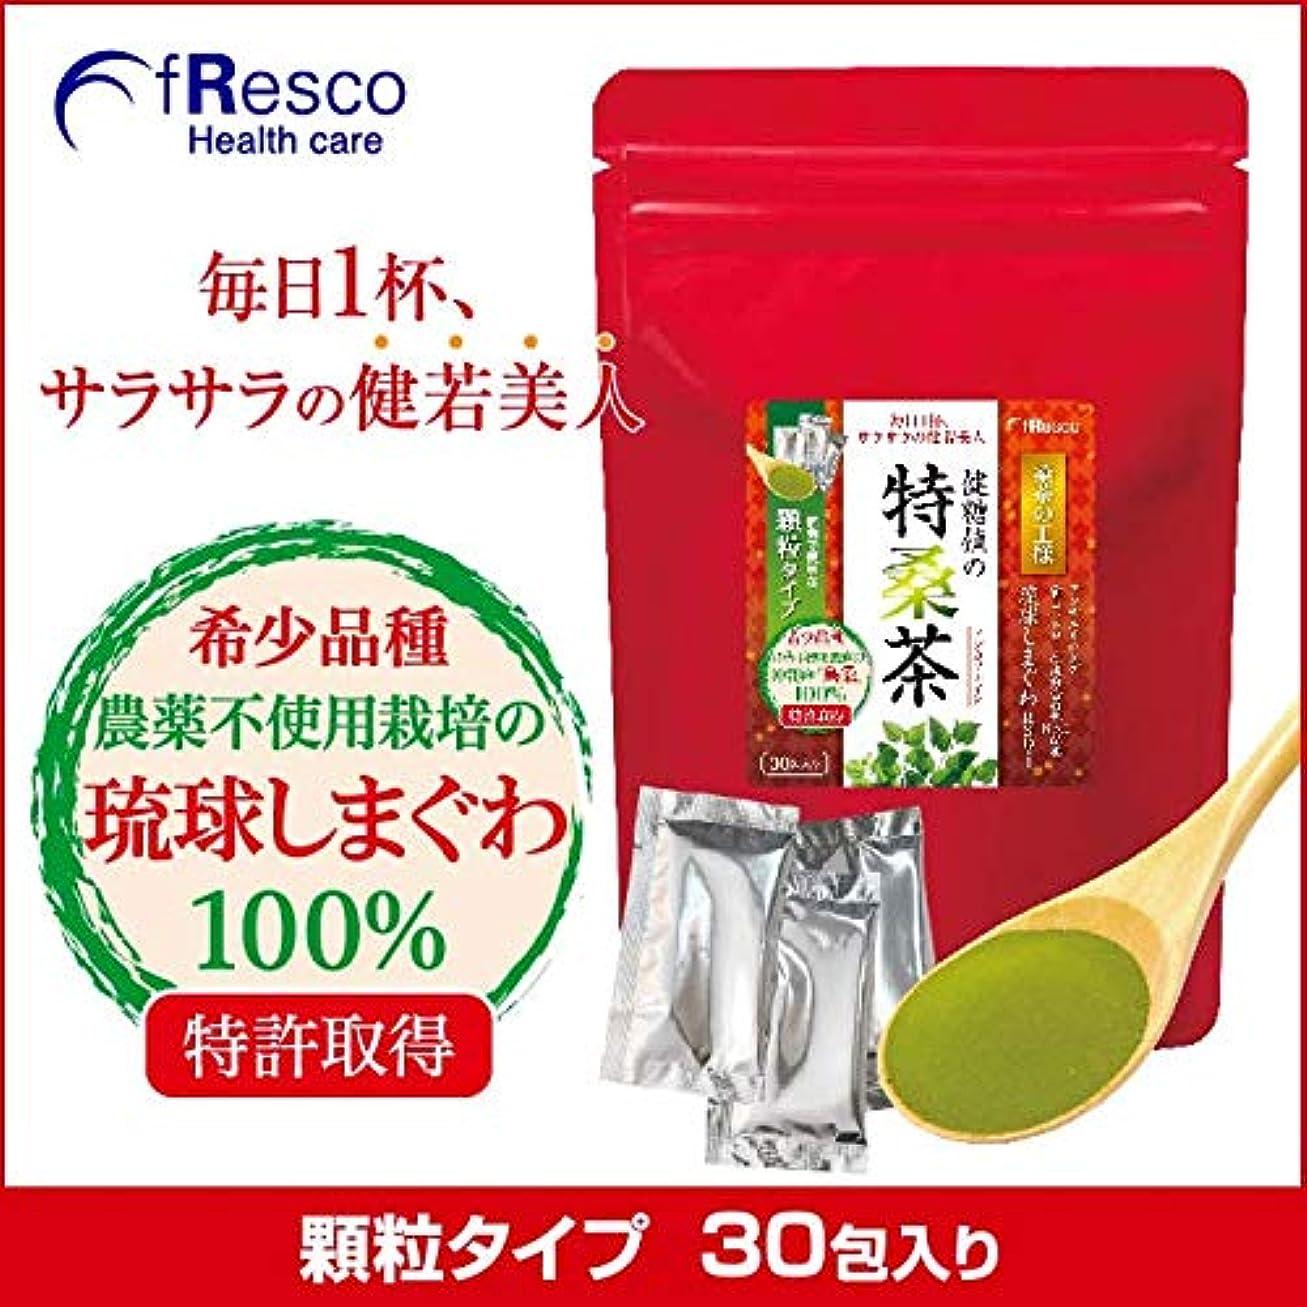 ヒョウソフィー分割琉球しまぐわ 健糖値の特桑茶 顆粒タイプ 30包